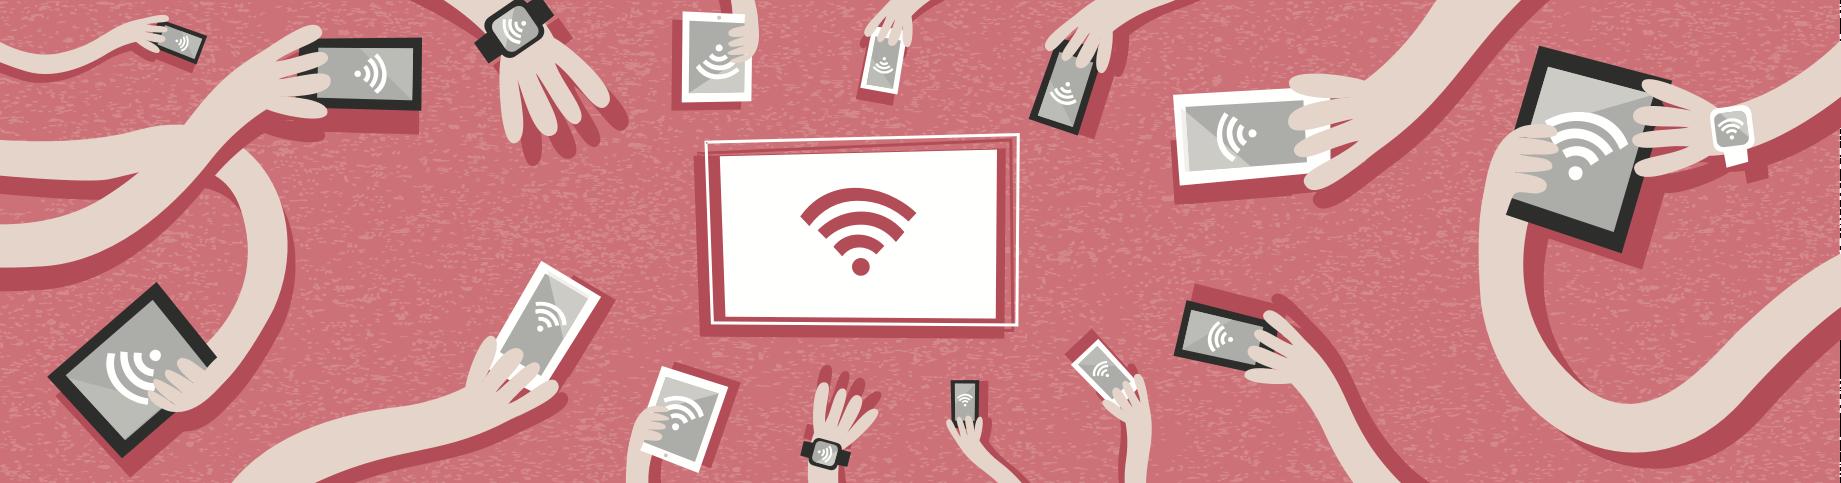 6 motivos para oferecer Wi-Fi sem senha aos seus clientes